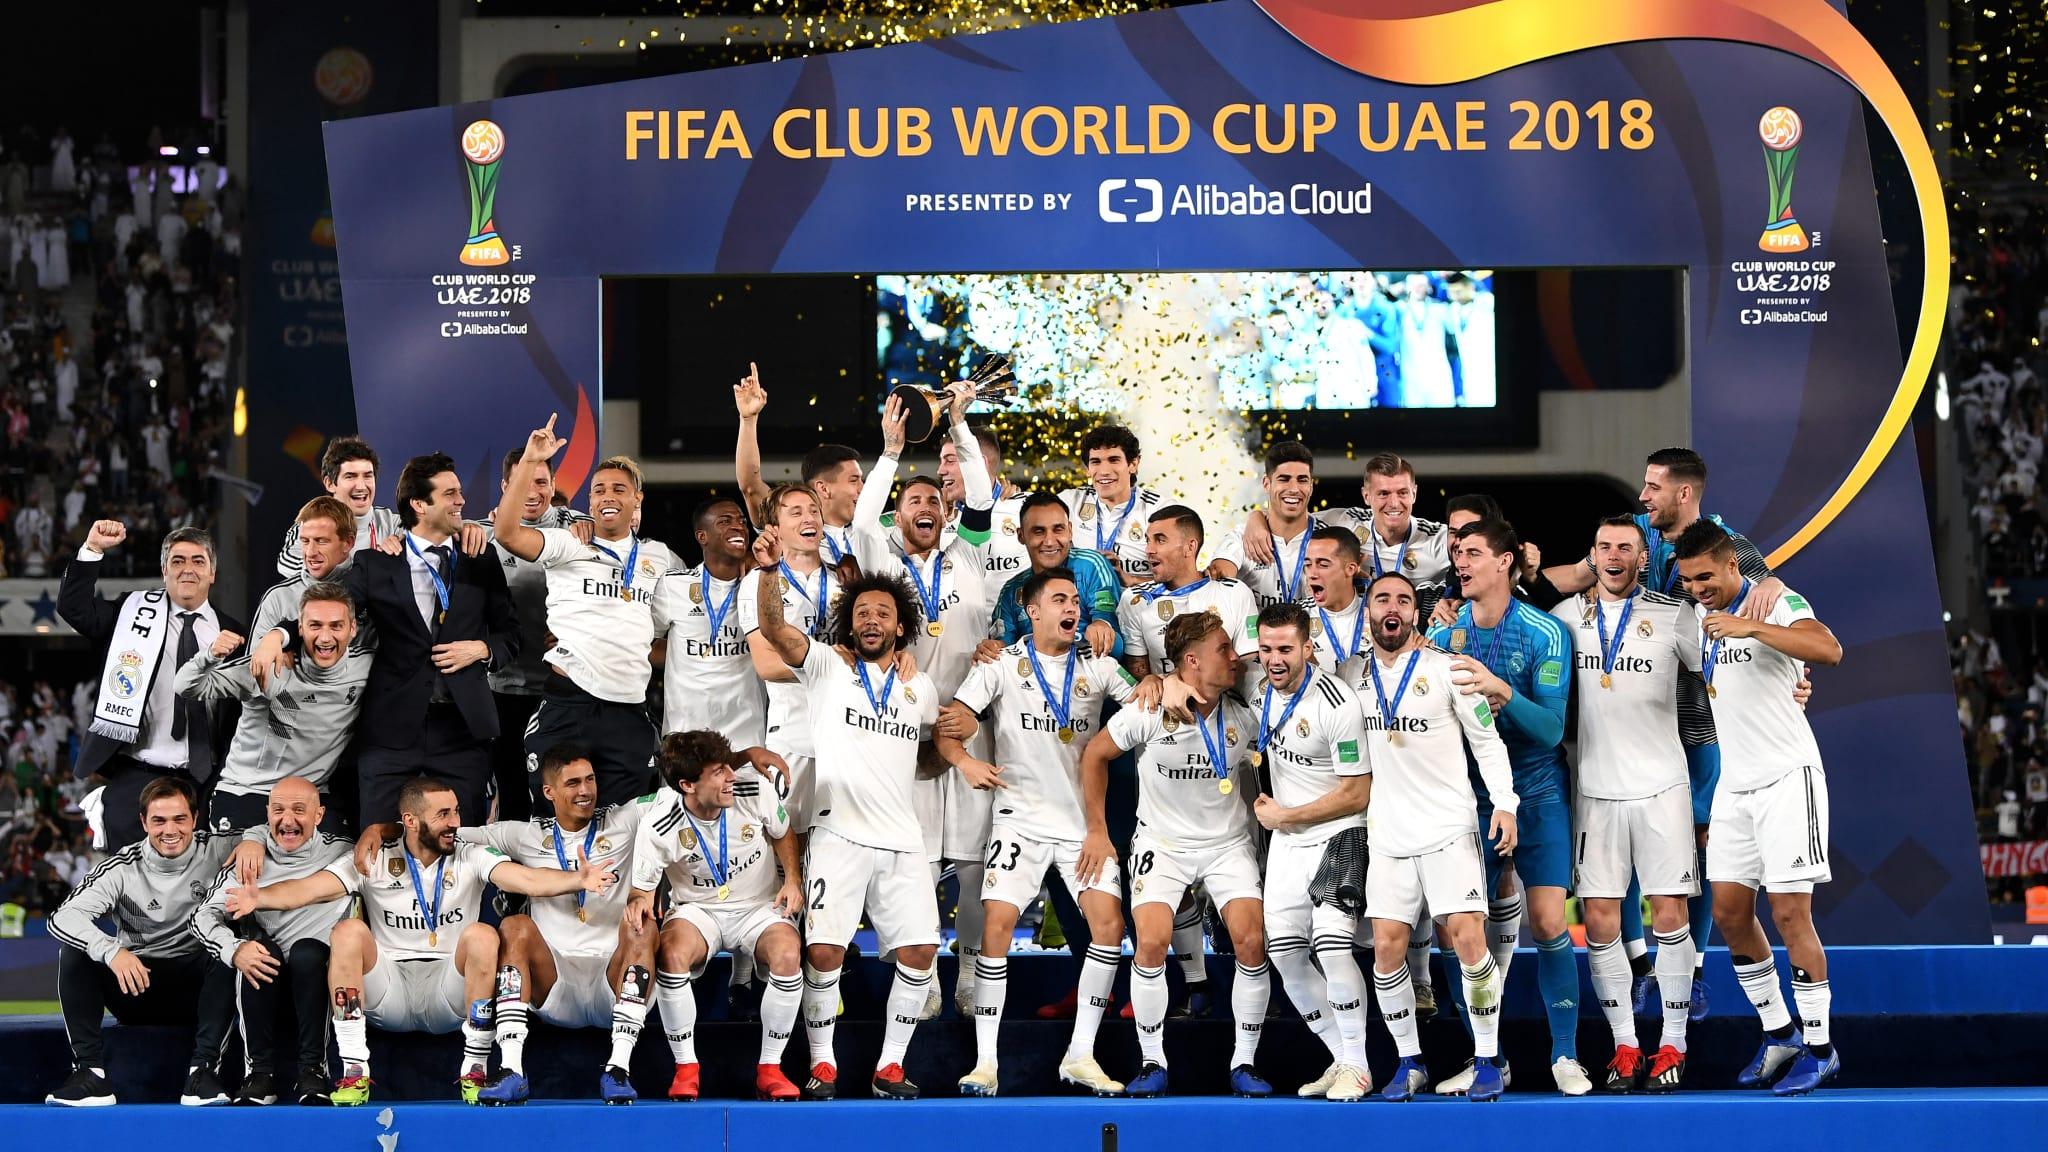 ชิงแชมป์สโมสรโลก 2019 ฟุตบอล ลิเวอร์พูล